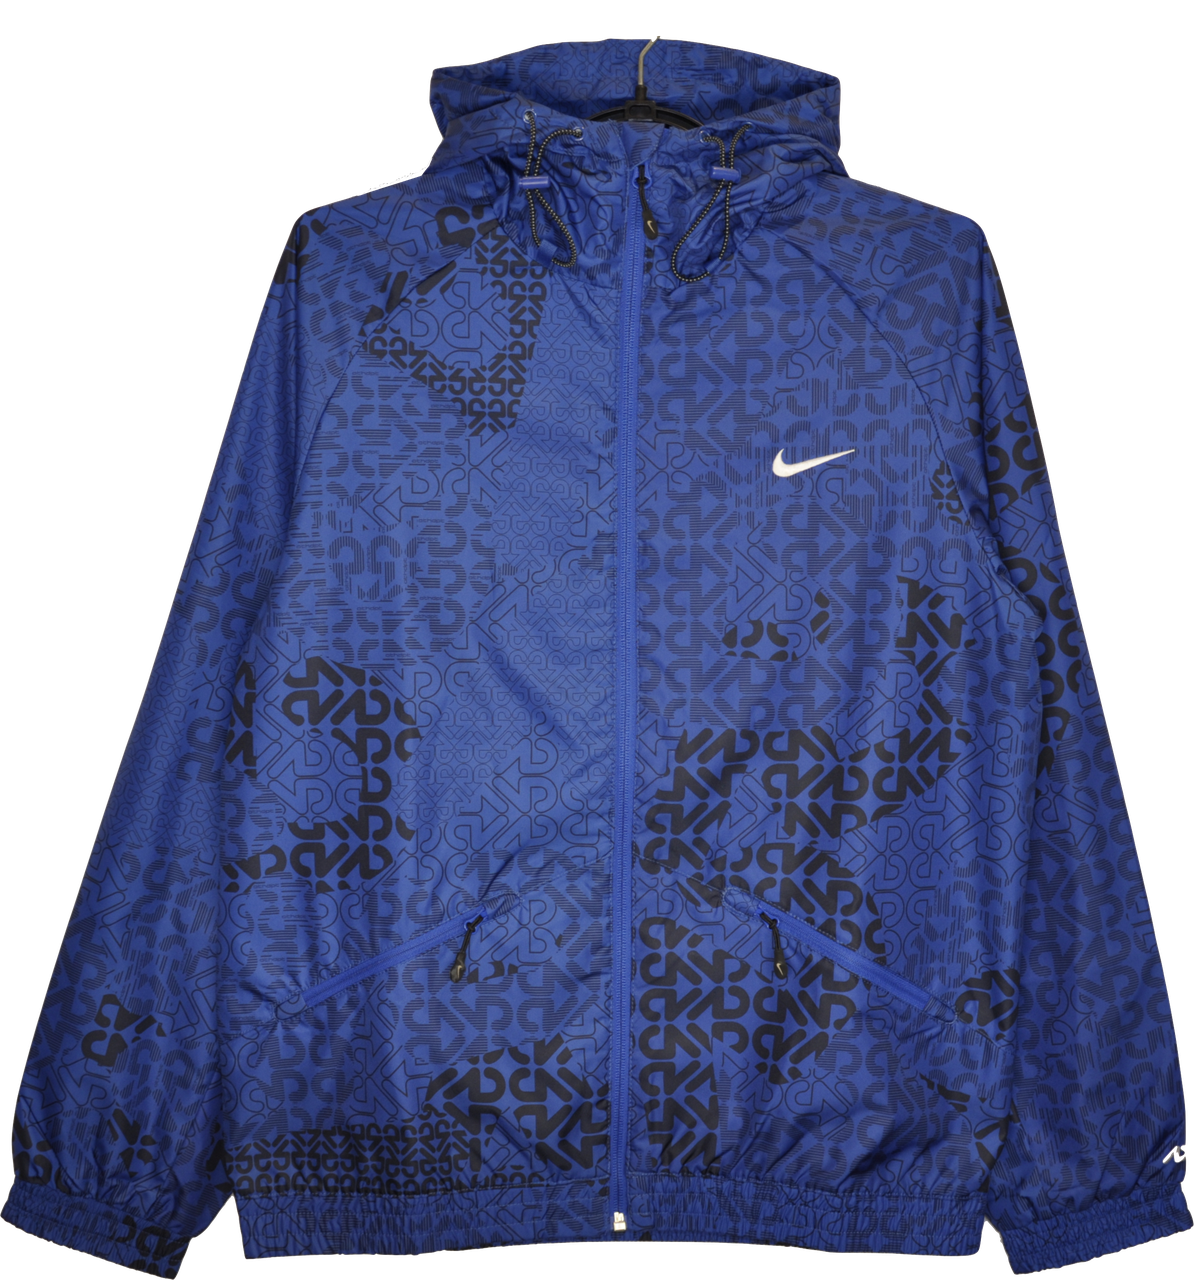 Легкая летняя мужская ветровка Nike (синий).